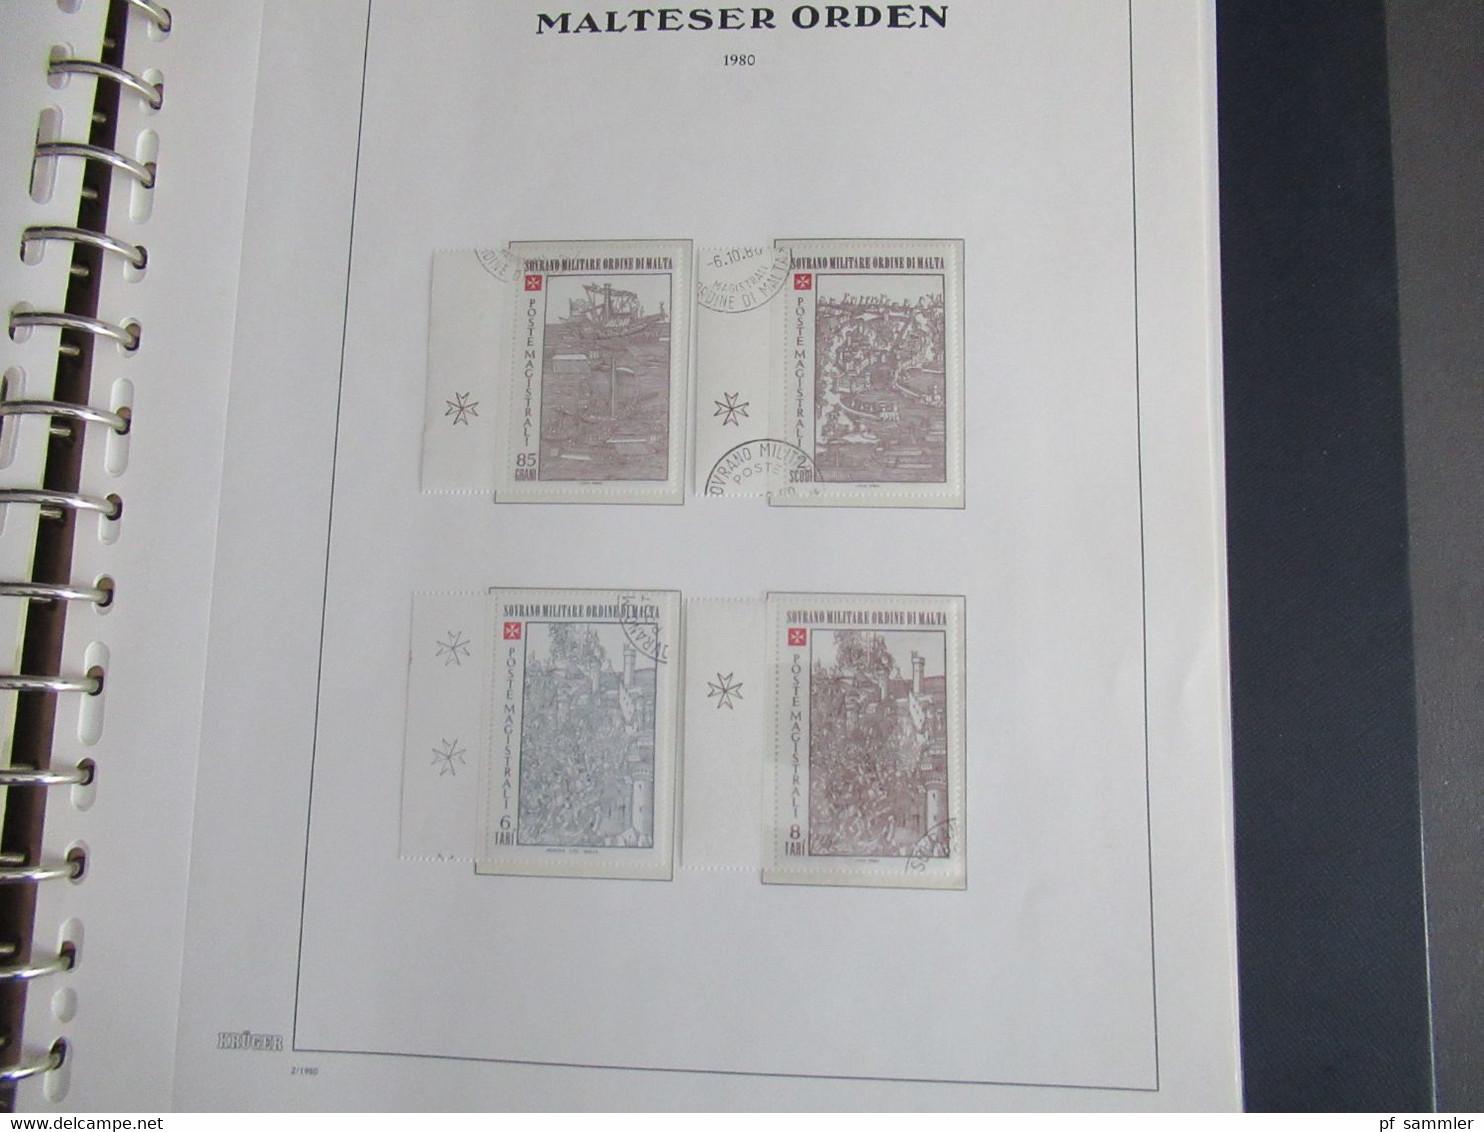 Sammlung Krüger VD Album Der Malteser Orden 1975 - 81 Mit Portomarken Doppelt Geführt Sauber ** Und O. Viele Randstücke - Malte (Ordre De)